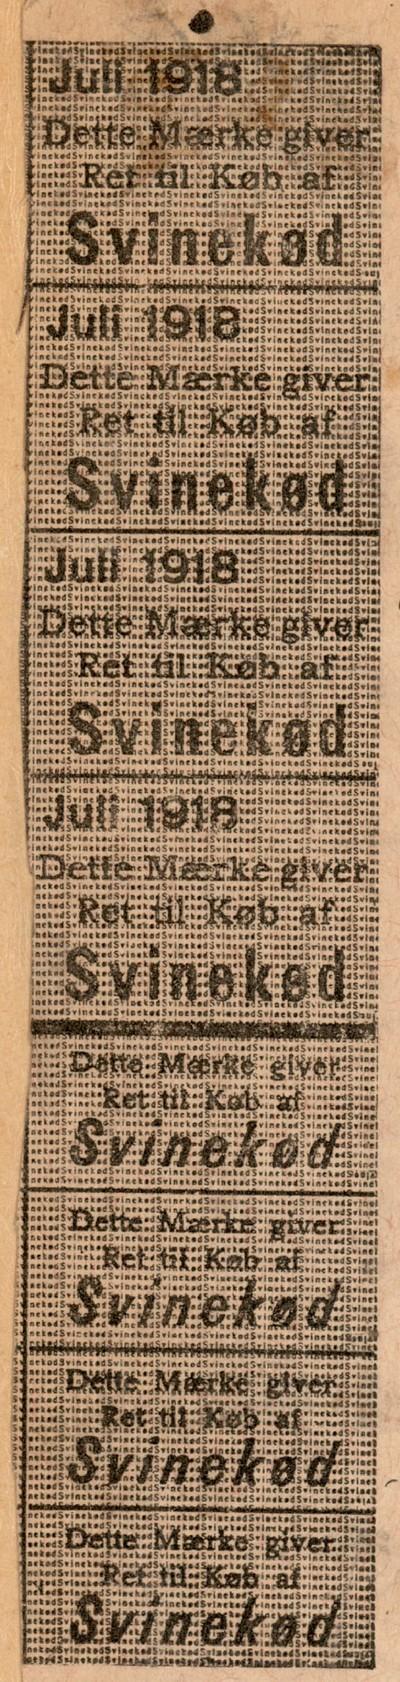 Dette Mærke giver Ret til Køb af Svinekød : Juli 1918